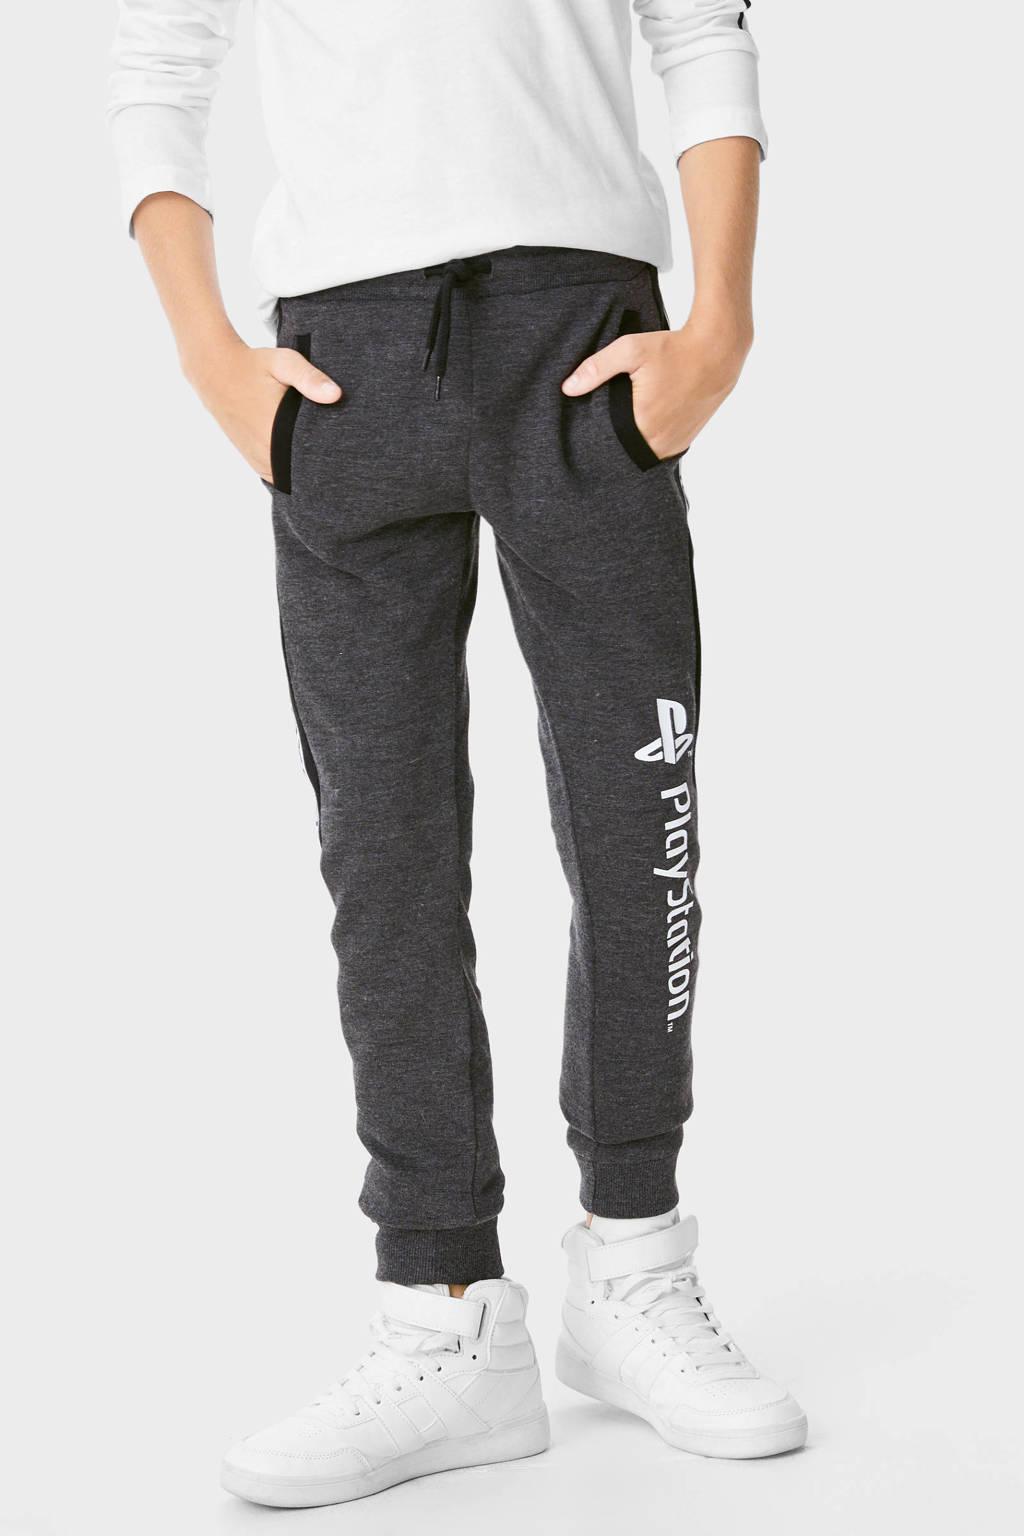 C&A regular fit joggingbroek grijs/wit/zwart, Grijs/wit/zwart